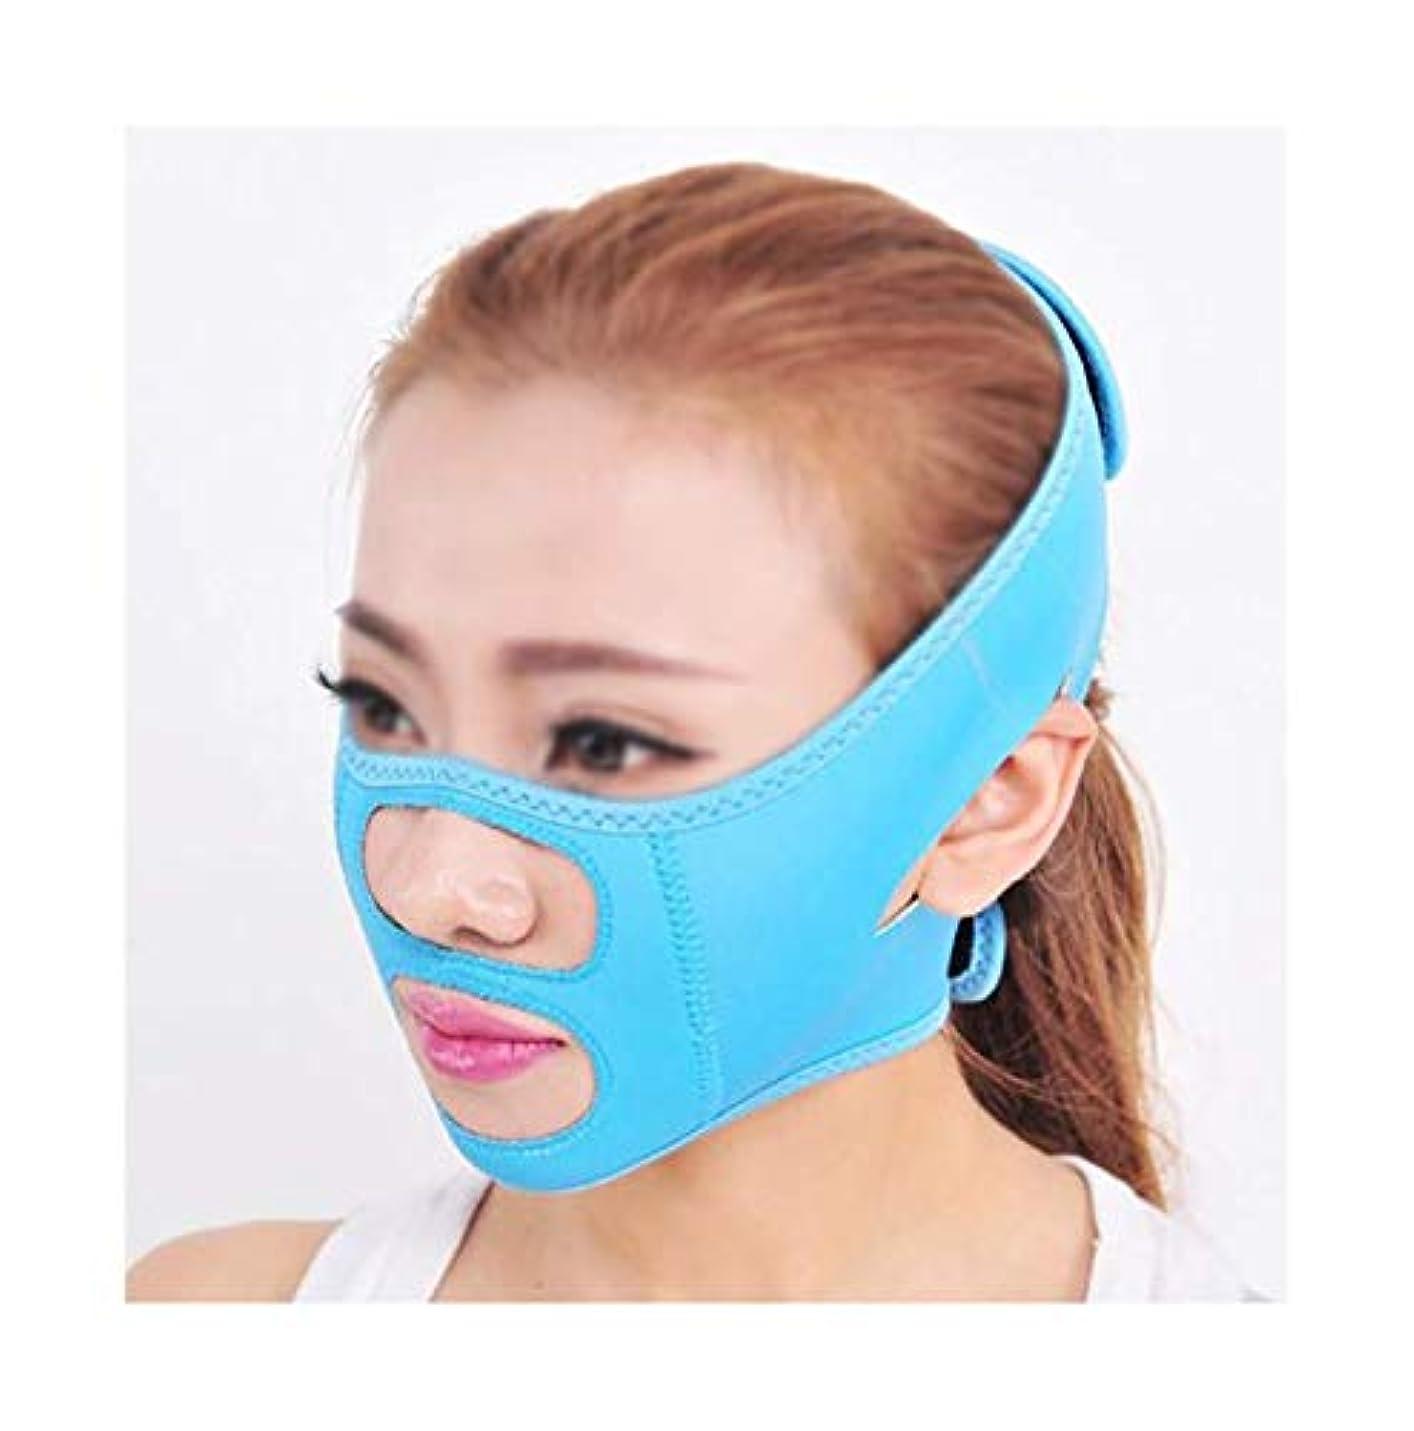 ファーミングフェイスマスク、術後リフティングマスクホーム包帯揺れネットワーク赤女性Vフェイスステッカーストラップ楽器顔アーティファクト(色:青),青